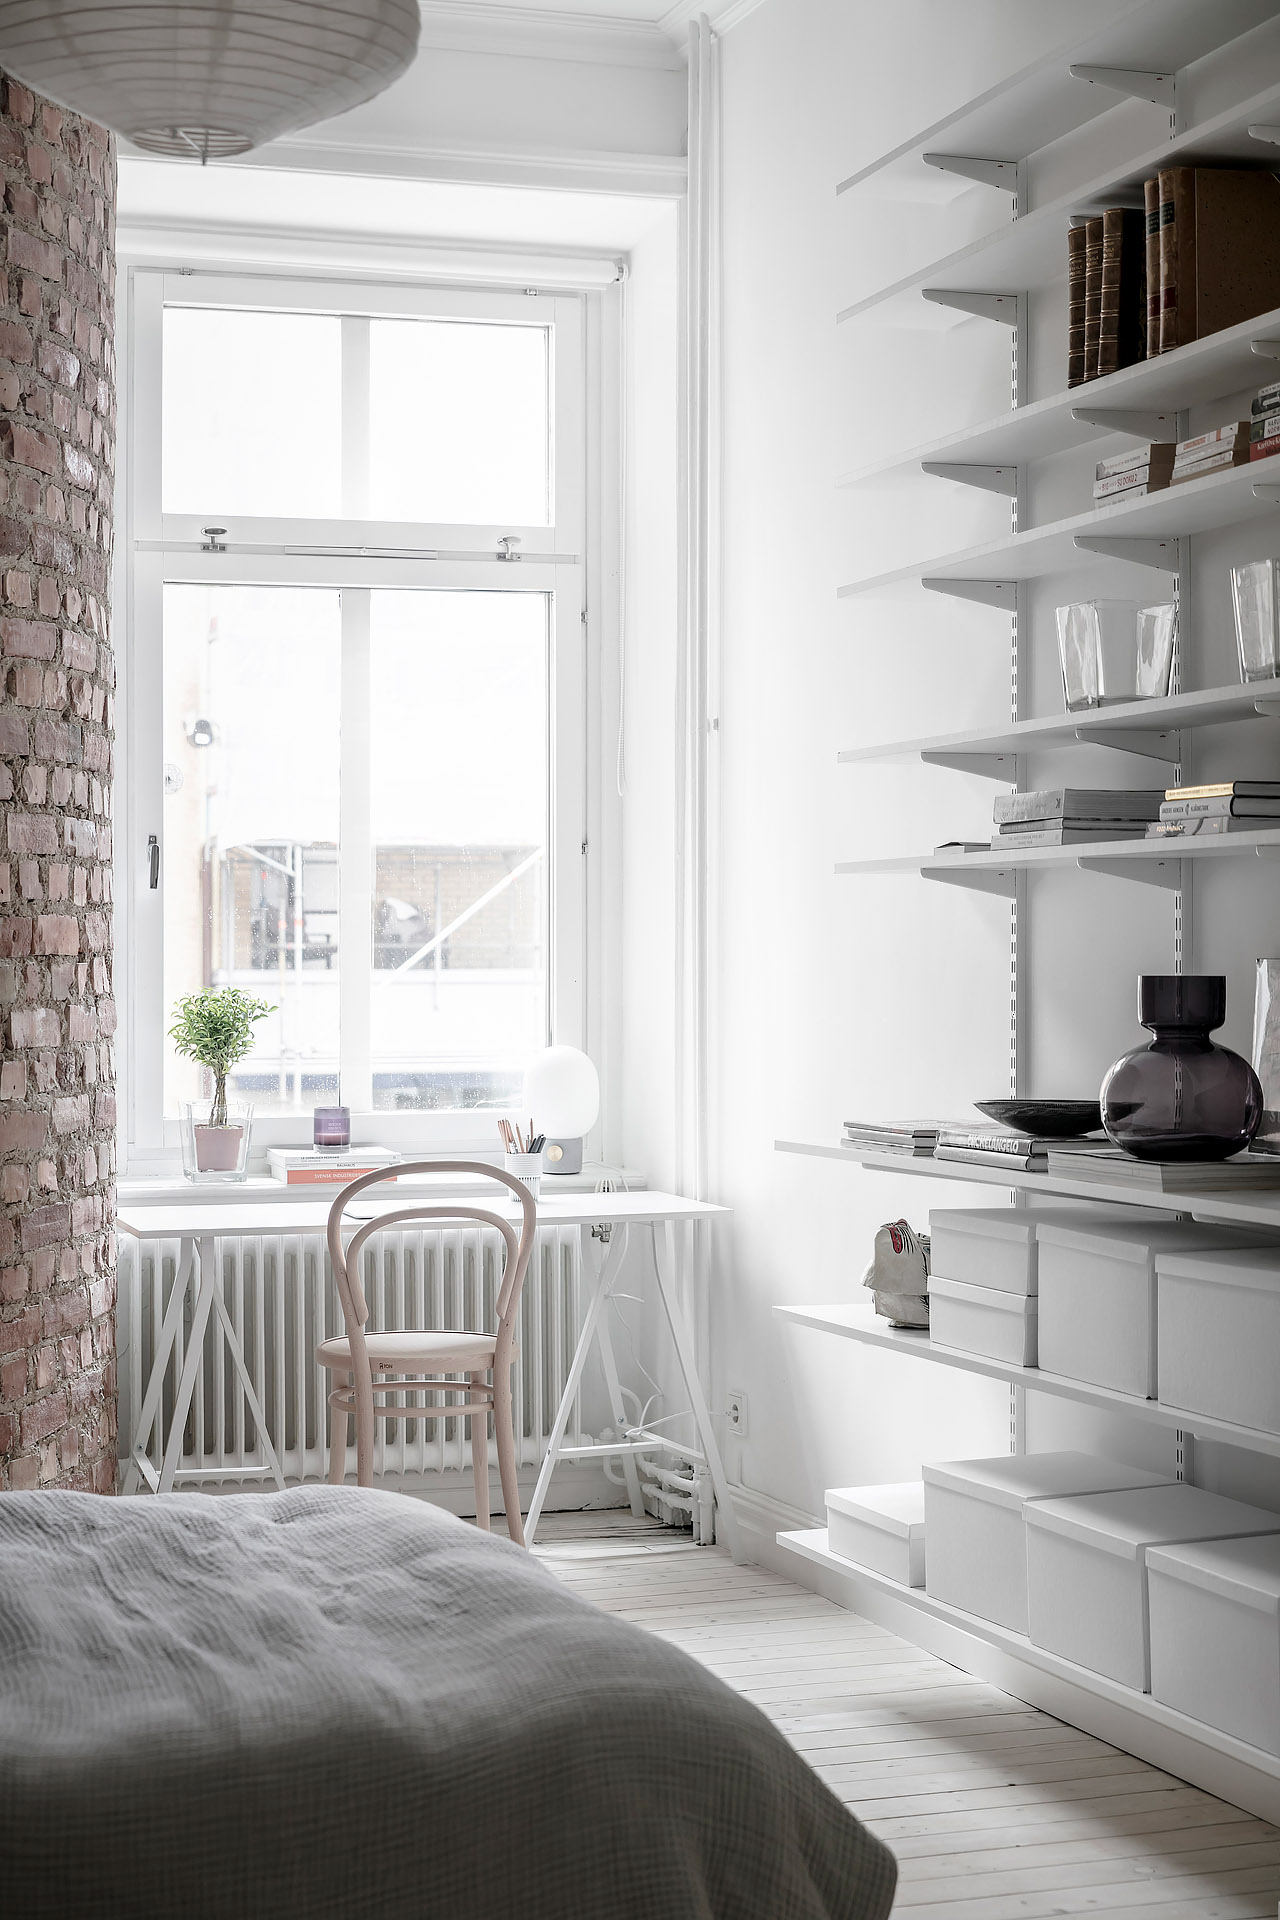 Deze witte slaapkamer is voorzien van een super charmante ronde bakstenen muur